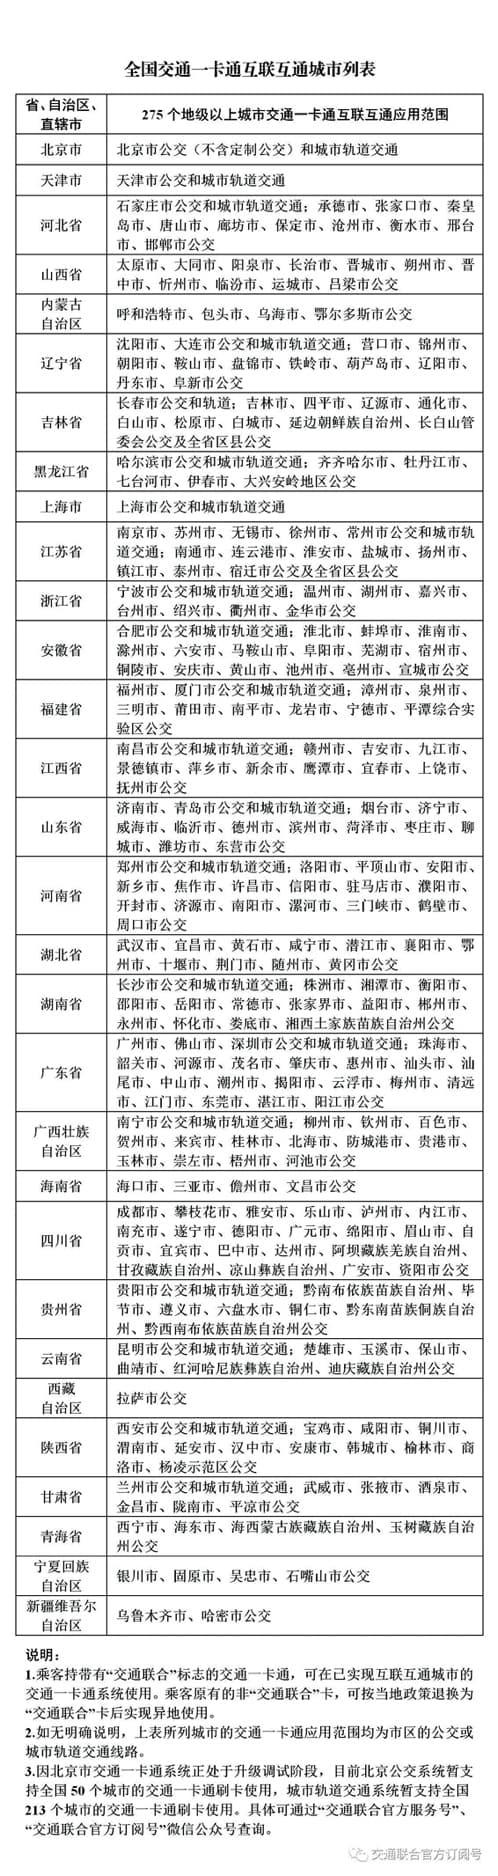 中國交通聯合交通卡城市清單